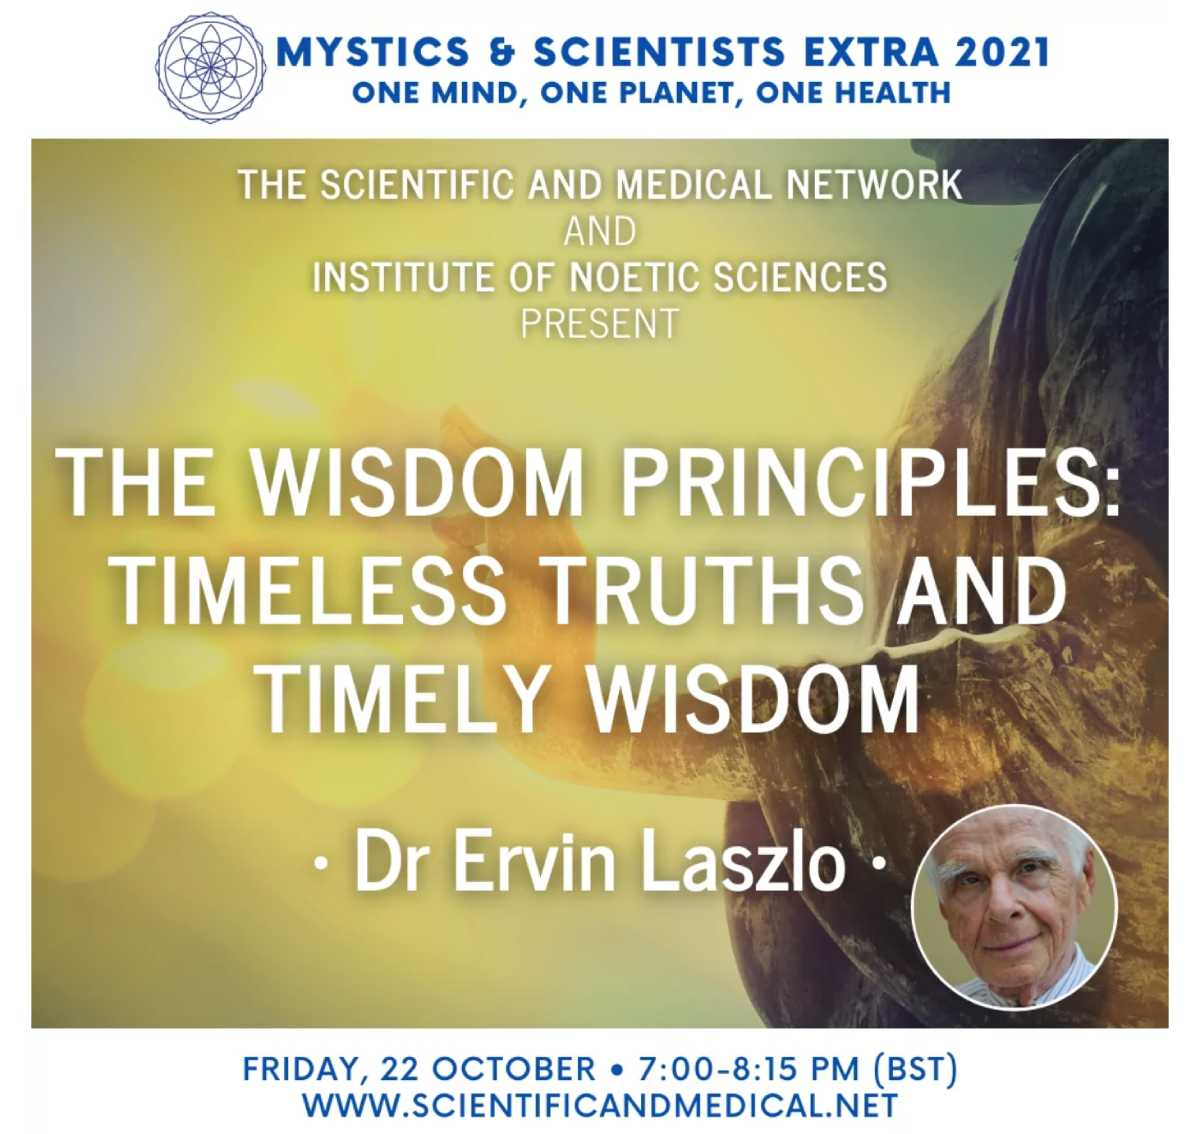 ervin-laszlo-the-wisdom-principles-mystic-extra